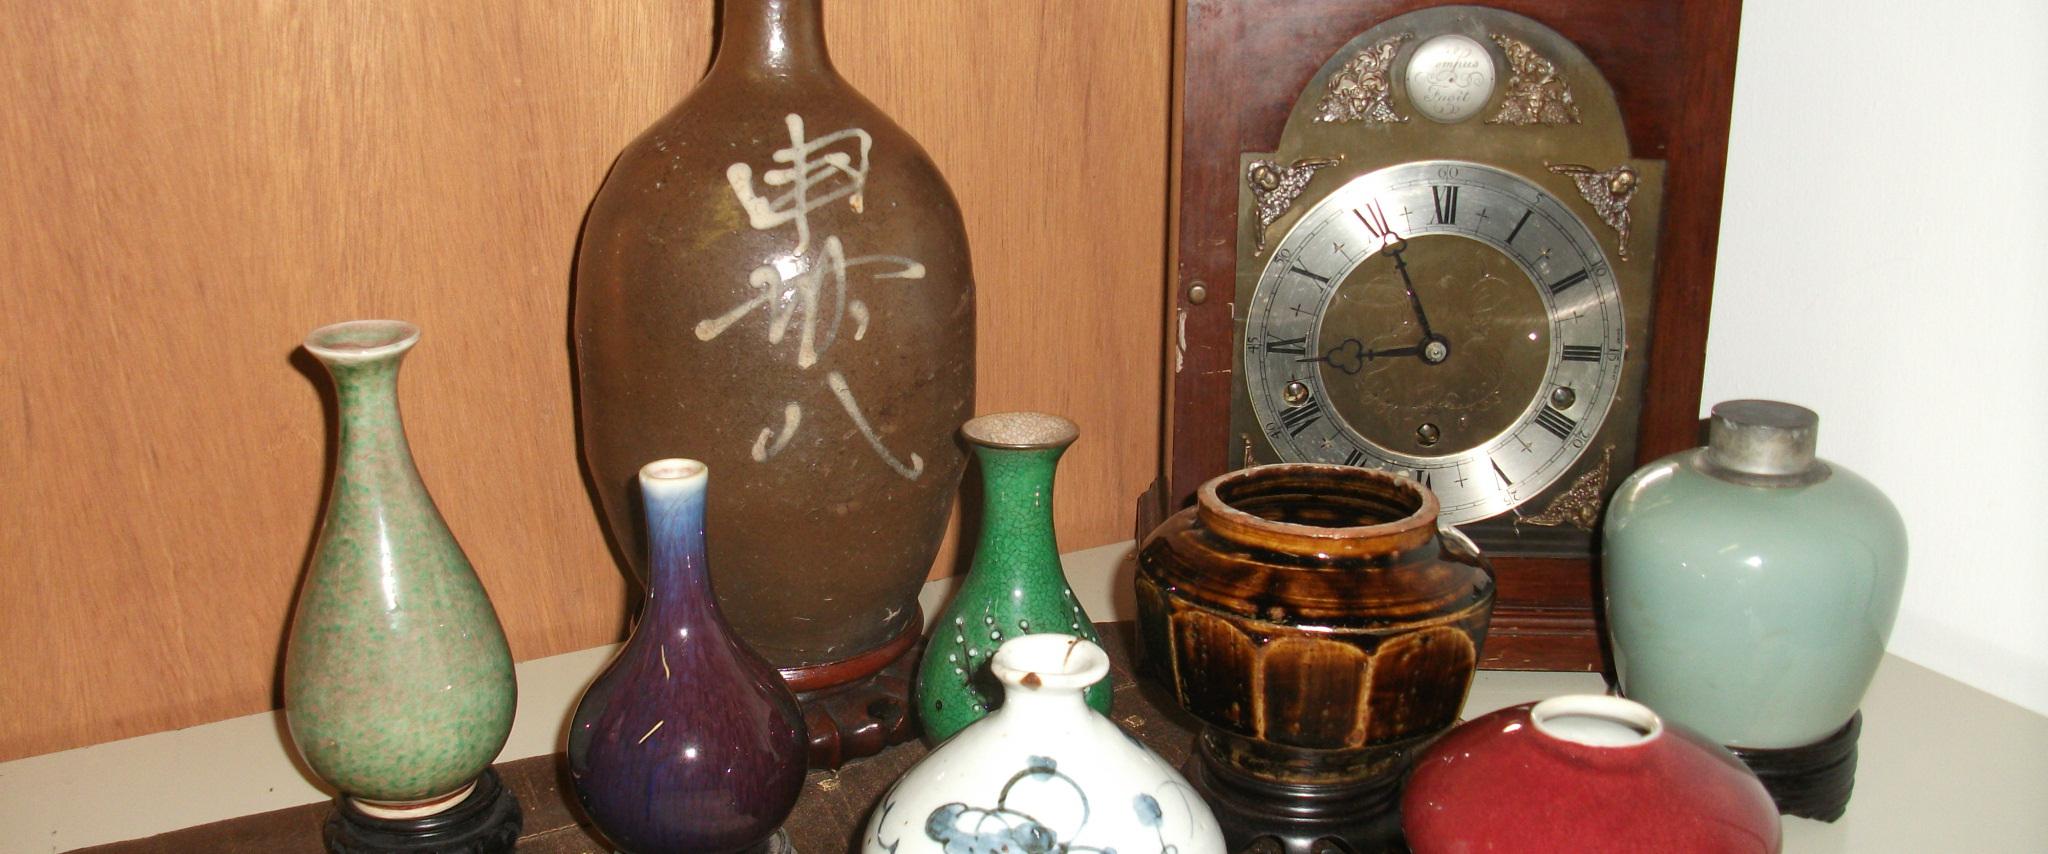 vases and clocks being appraised in Honolulu, HI